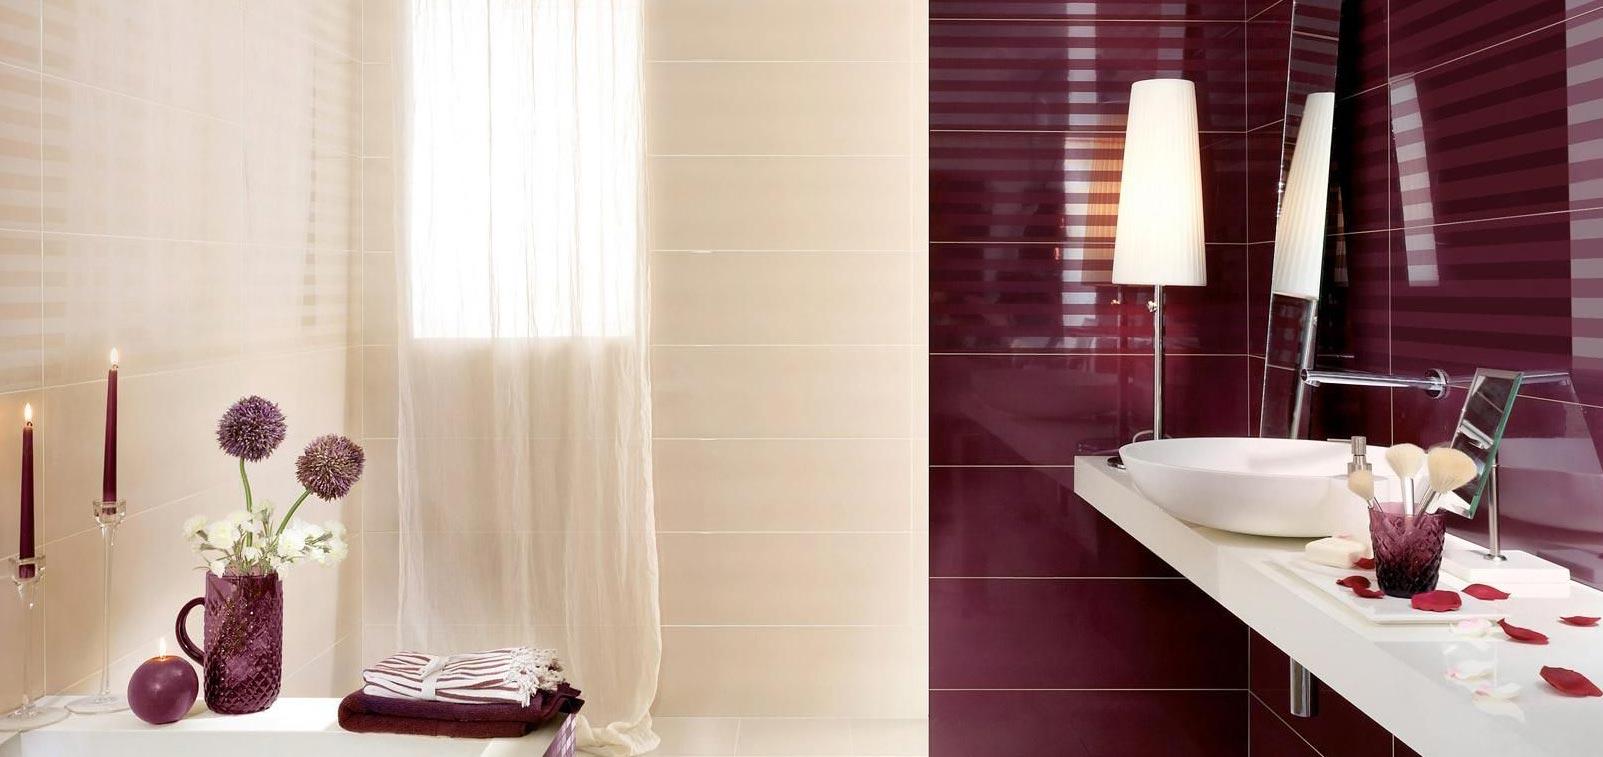 маленькая ванная в бордовом цвете с нейтральным фоном